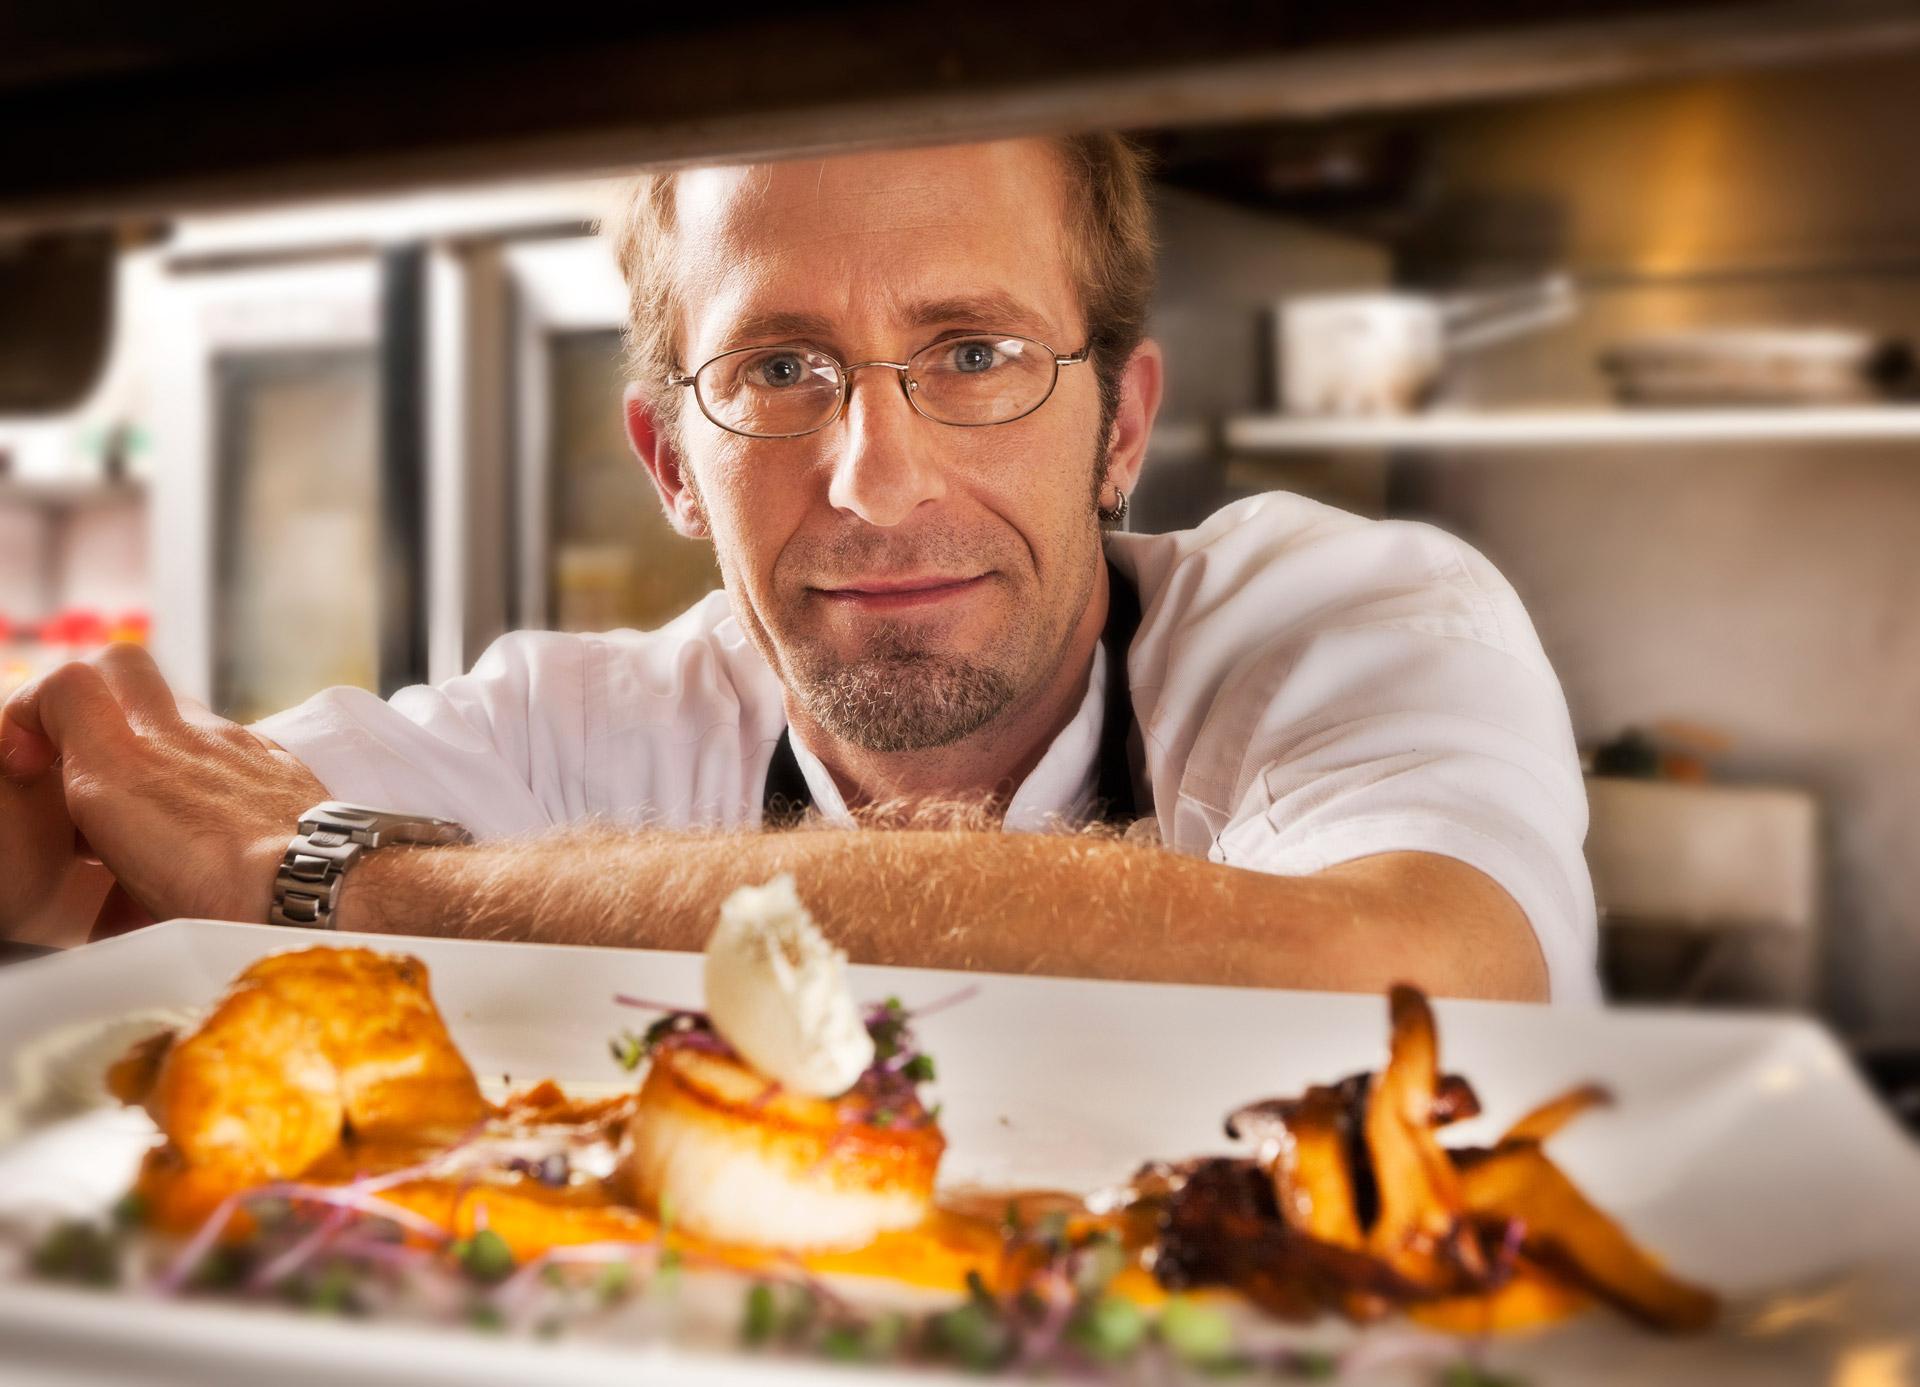 Emmanuel De Lorimier Godin Chef Estrimont Suites & Spa